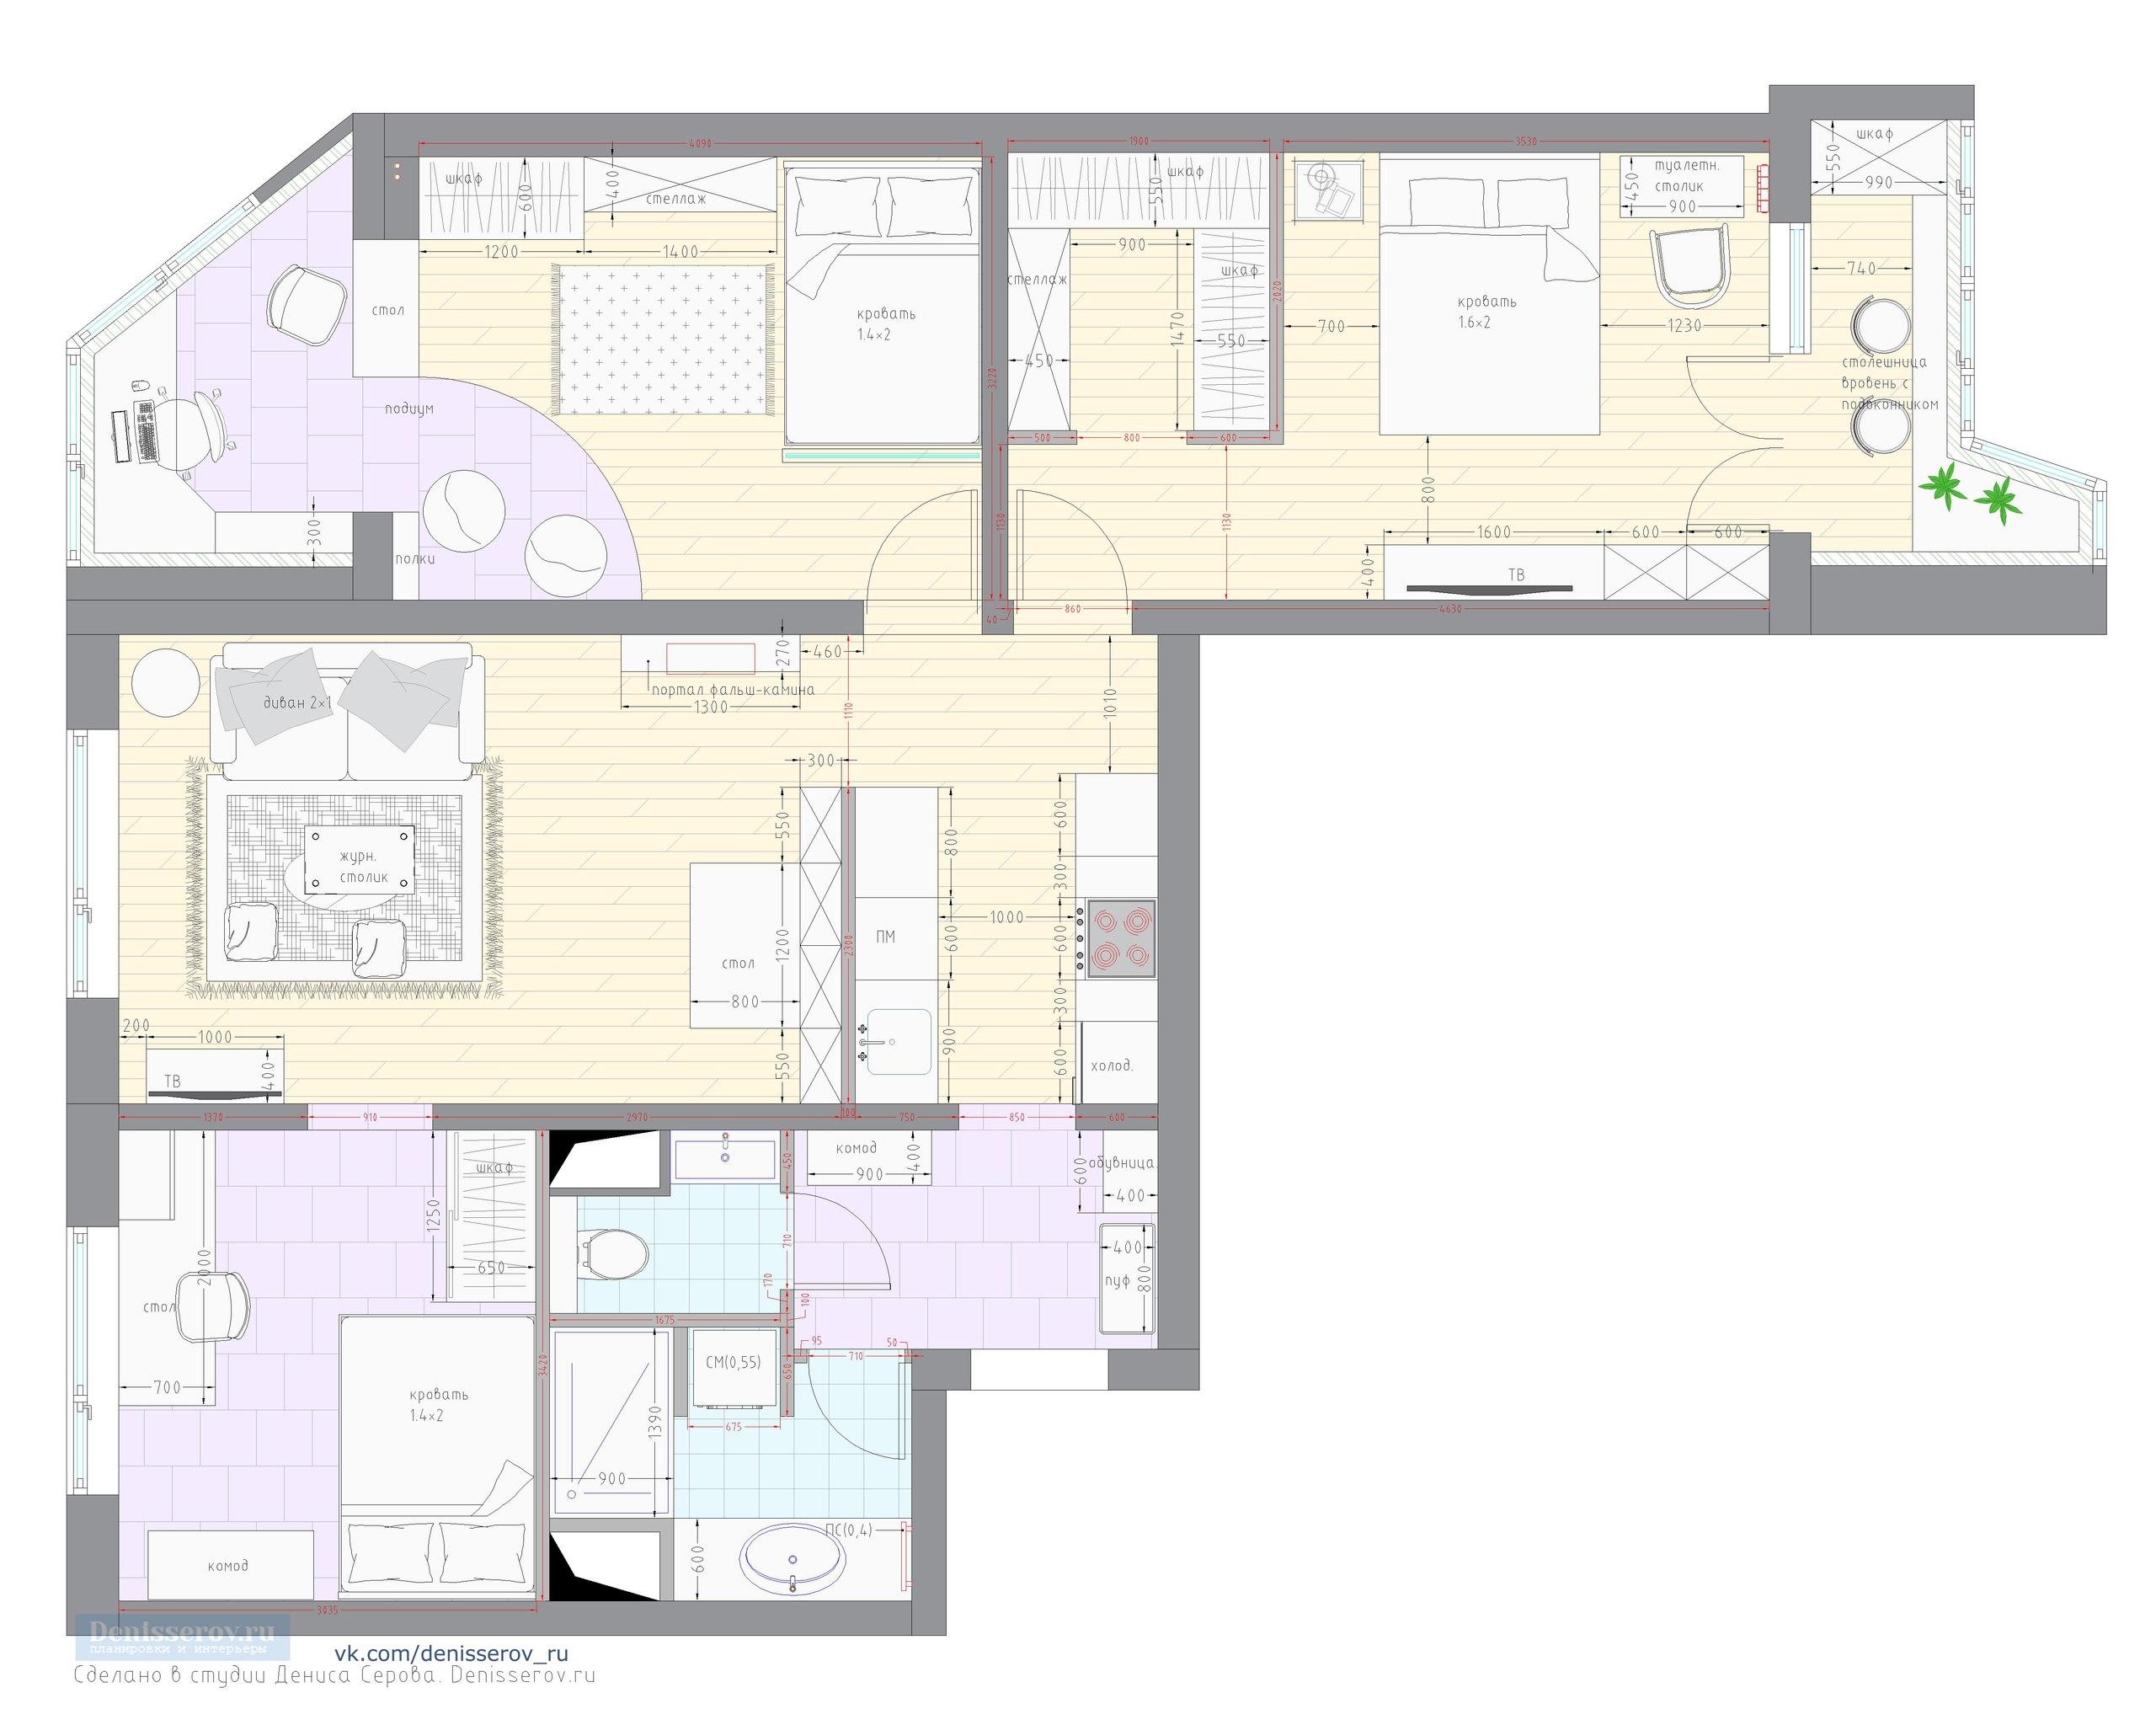 Март 2012 - - Здесь положено начало ремонта вашей квартиры